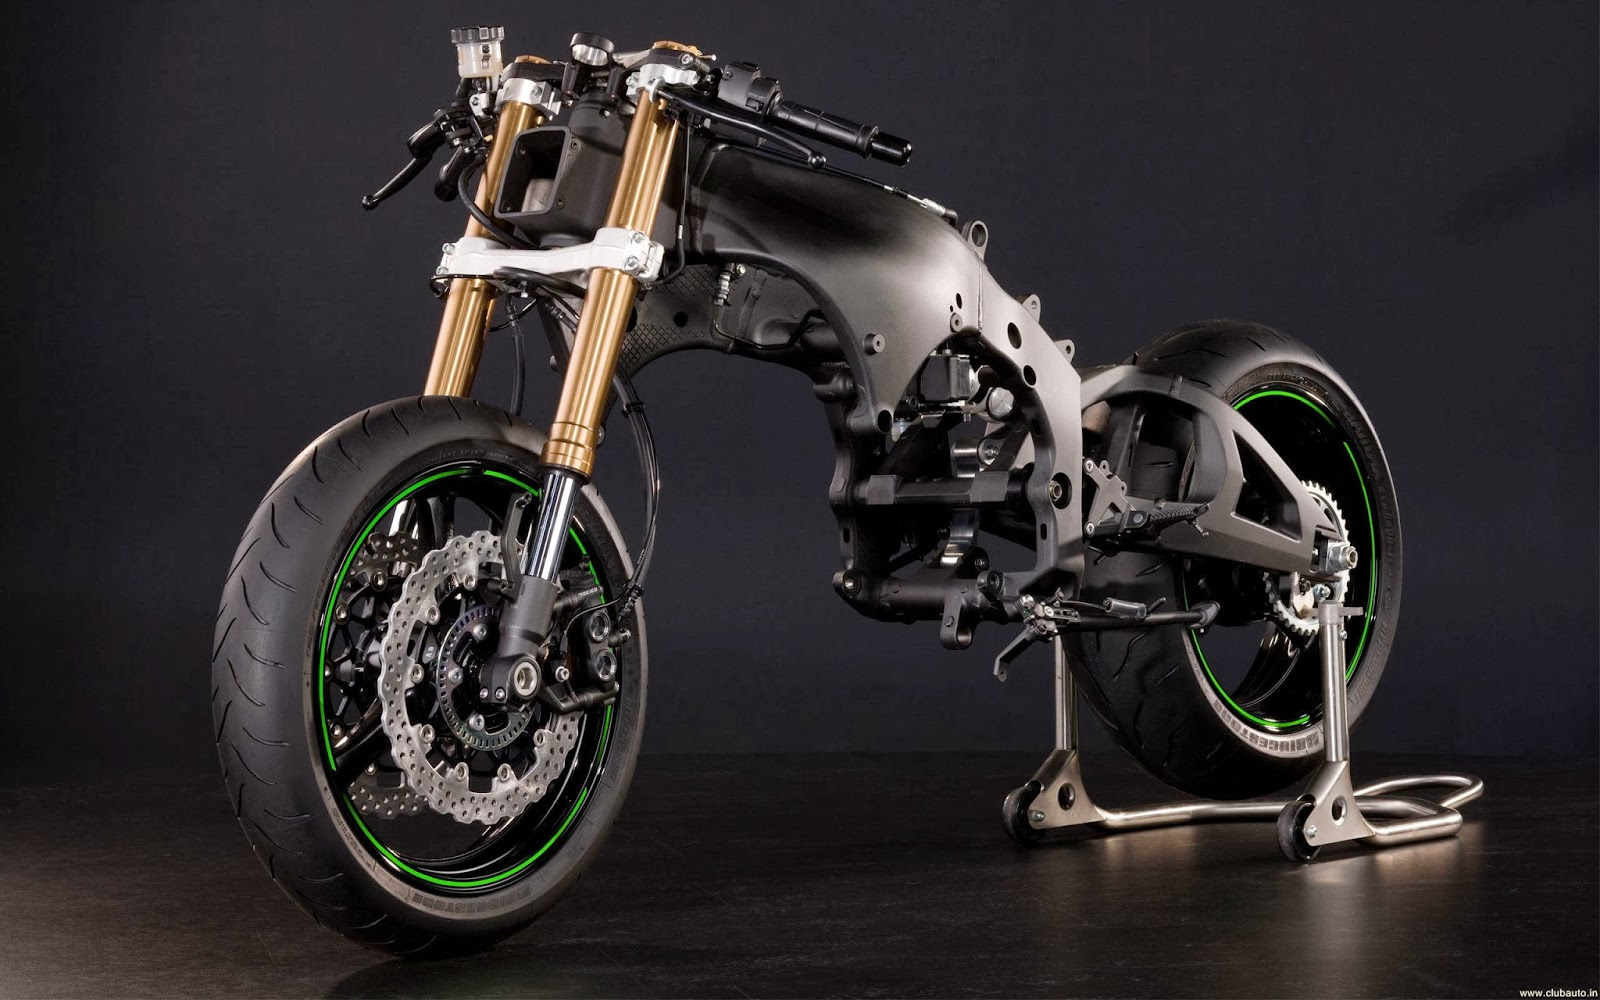 Motor Honda Astrea Klasik Foto Gambar Modifikasi Motor Ceper